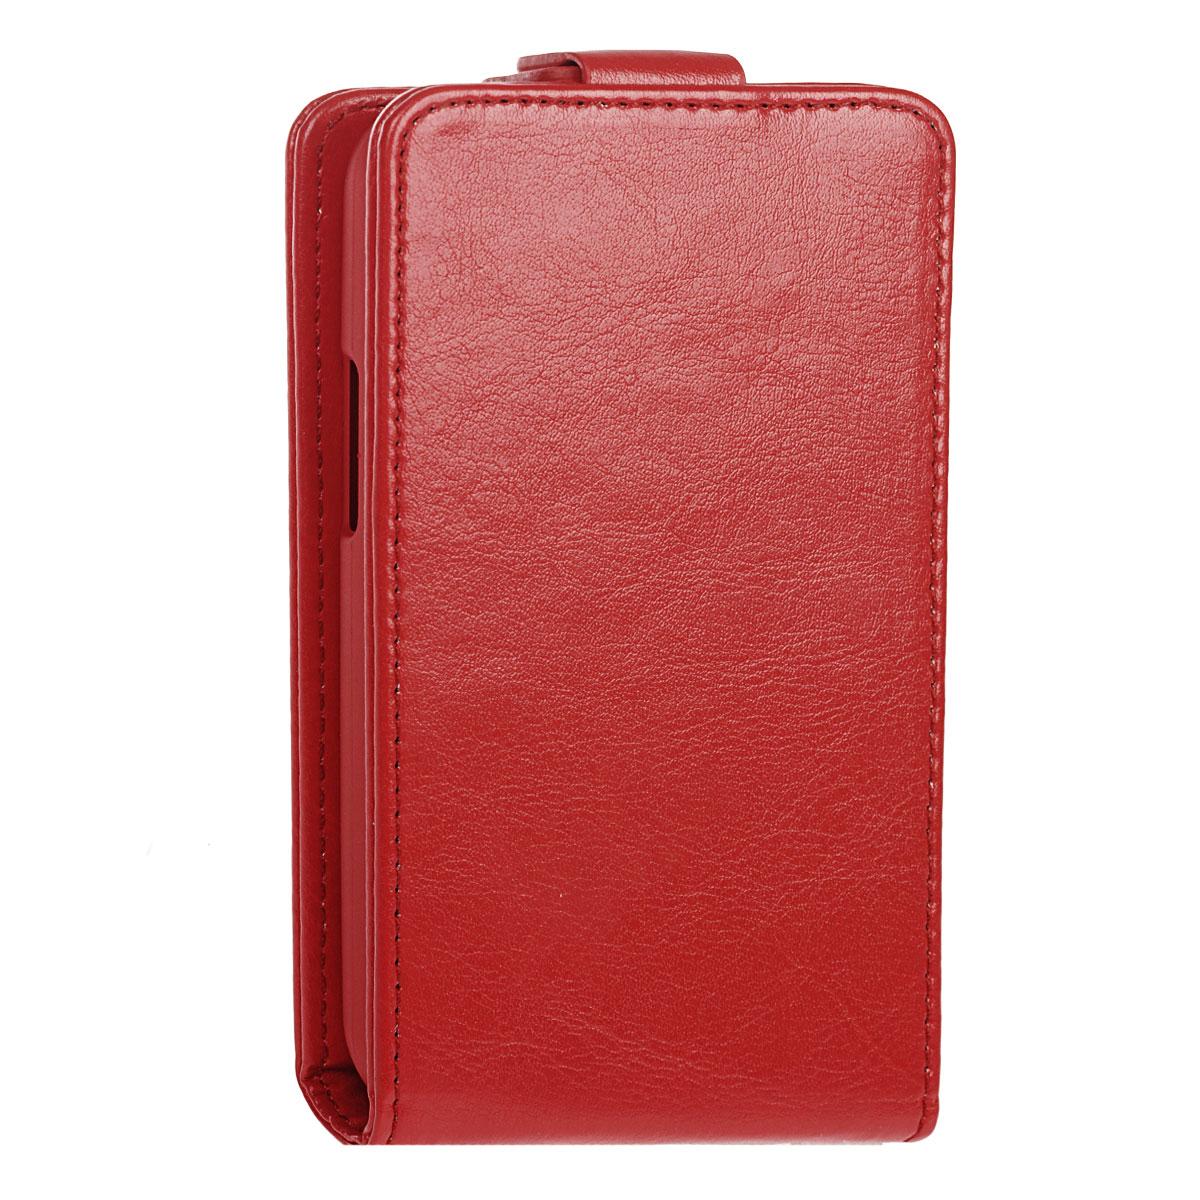 Skinbox Flip Case чехол для LG L90 Dual, RedT-F-LGL90Чехол Skinbox Flip Case для LG L90 Dual выполнен из высококачественного поликарбоната и экокожи. Он обеспечивает надежную защиту корпуса и экрана смартфона и надолго сохраняет его привлекательный внешний вид. Чехол также обеспечивает свободный доступ ко всем разъемам и клавишам устройства.